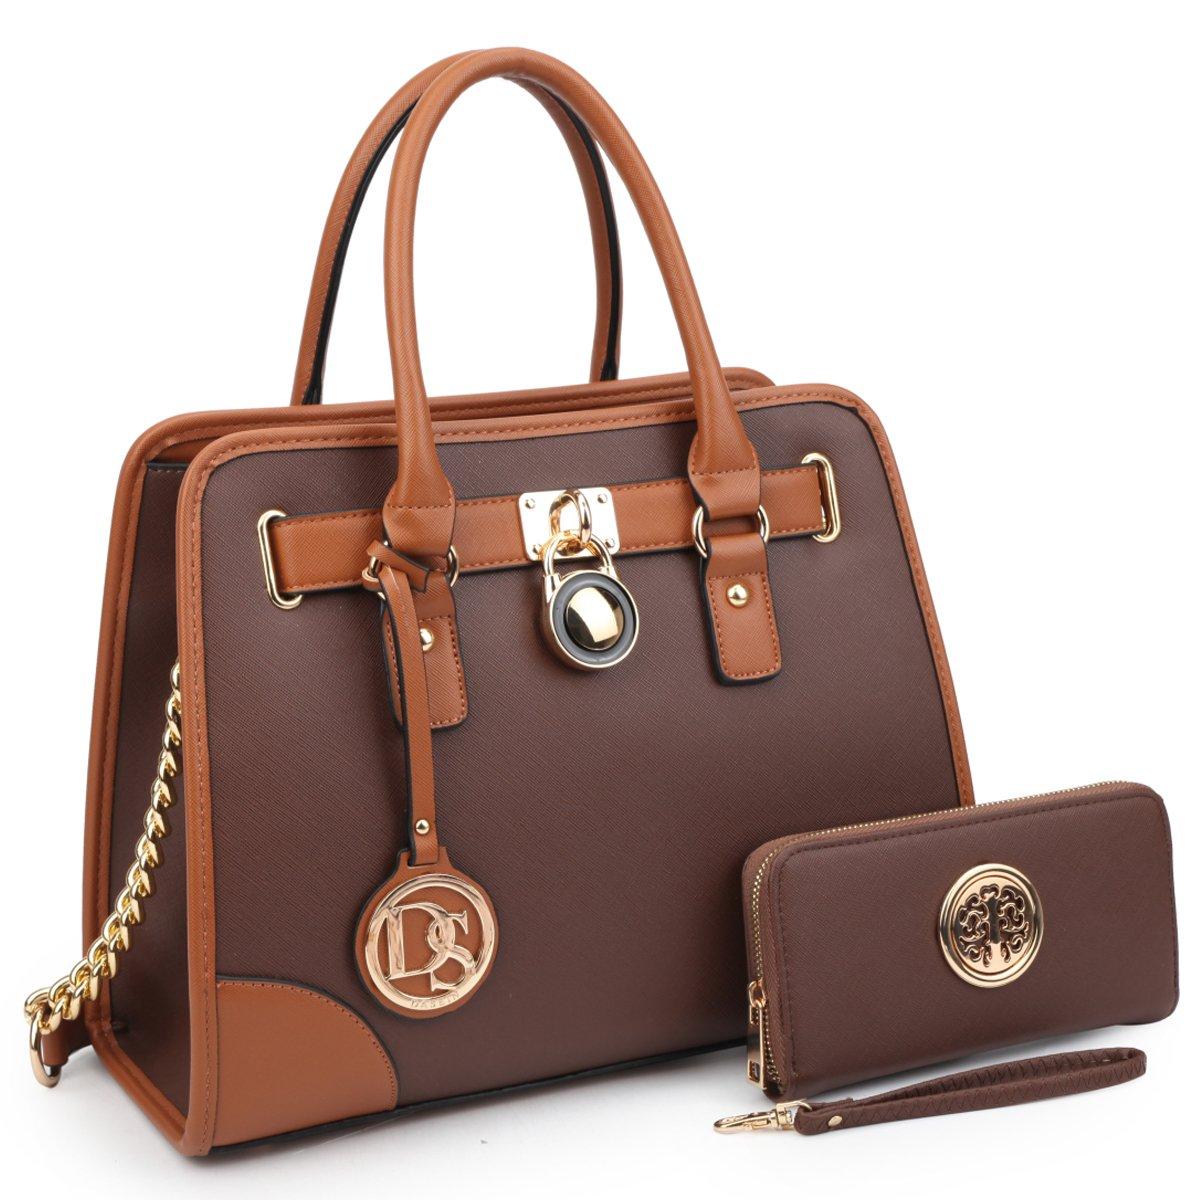 Dasein Women's Designer Padlock Belted Top Handle Satchel Handbag Purse Shoulder Bag With Wallet